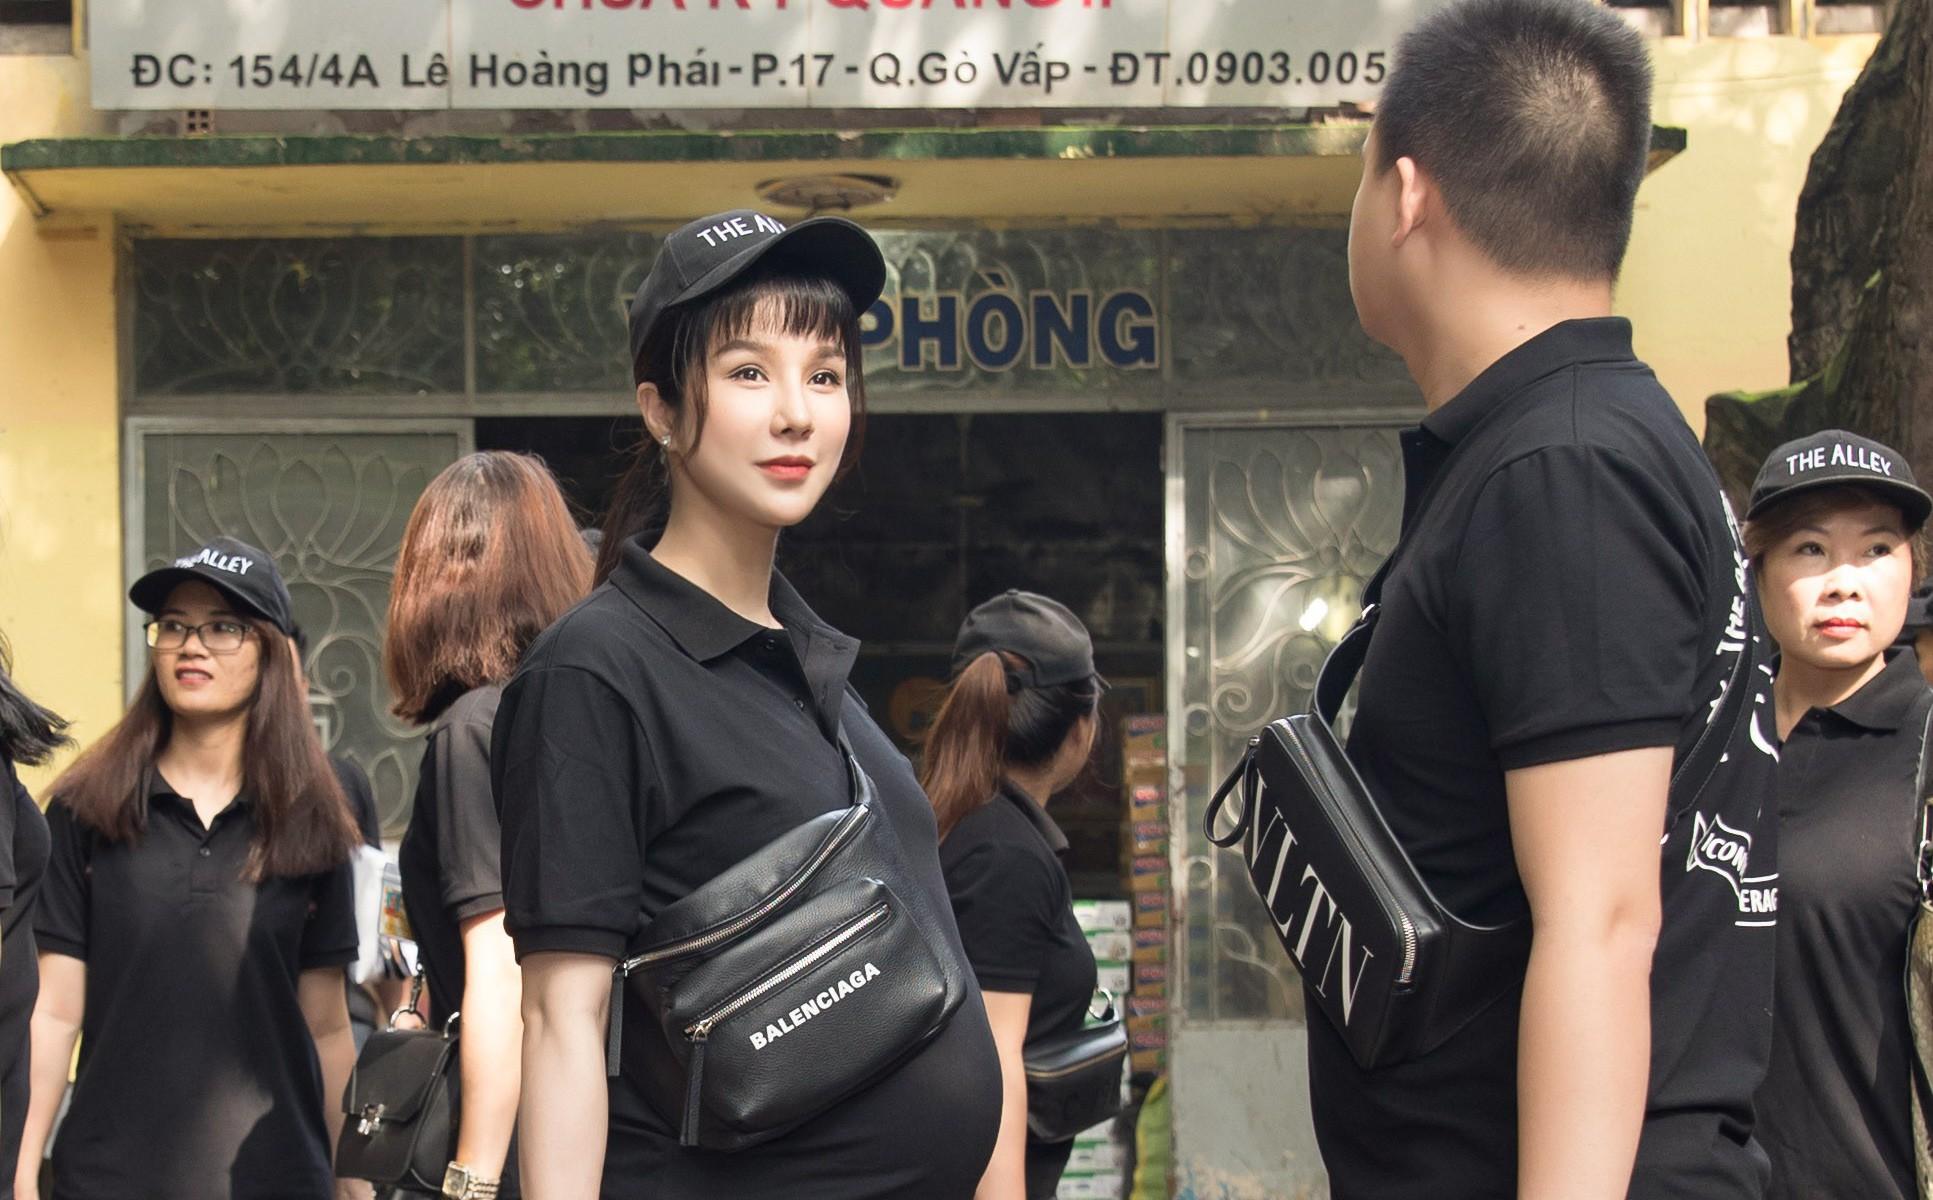 Diệp Lâm Anh vác bụng bầu 8 tháng đi phát quà Trung thu